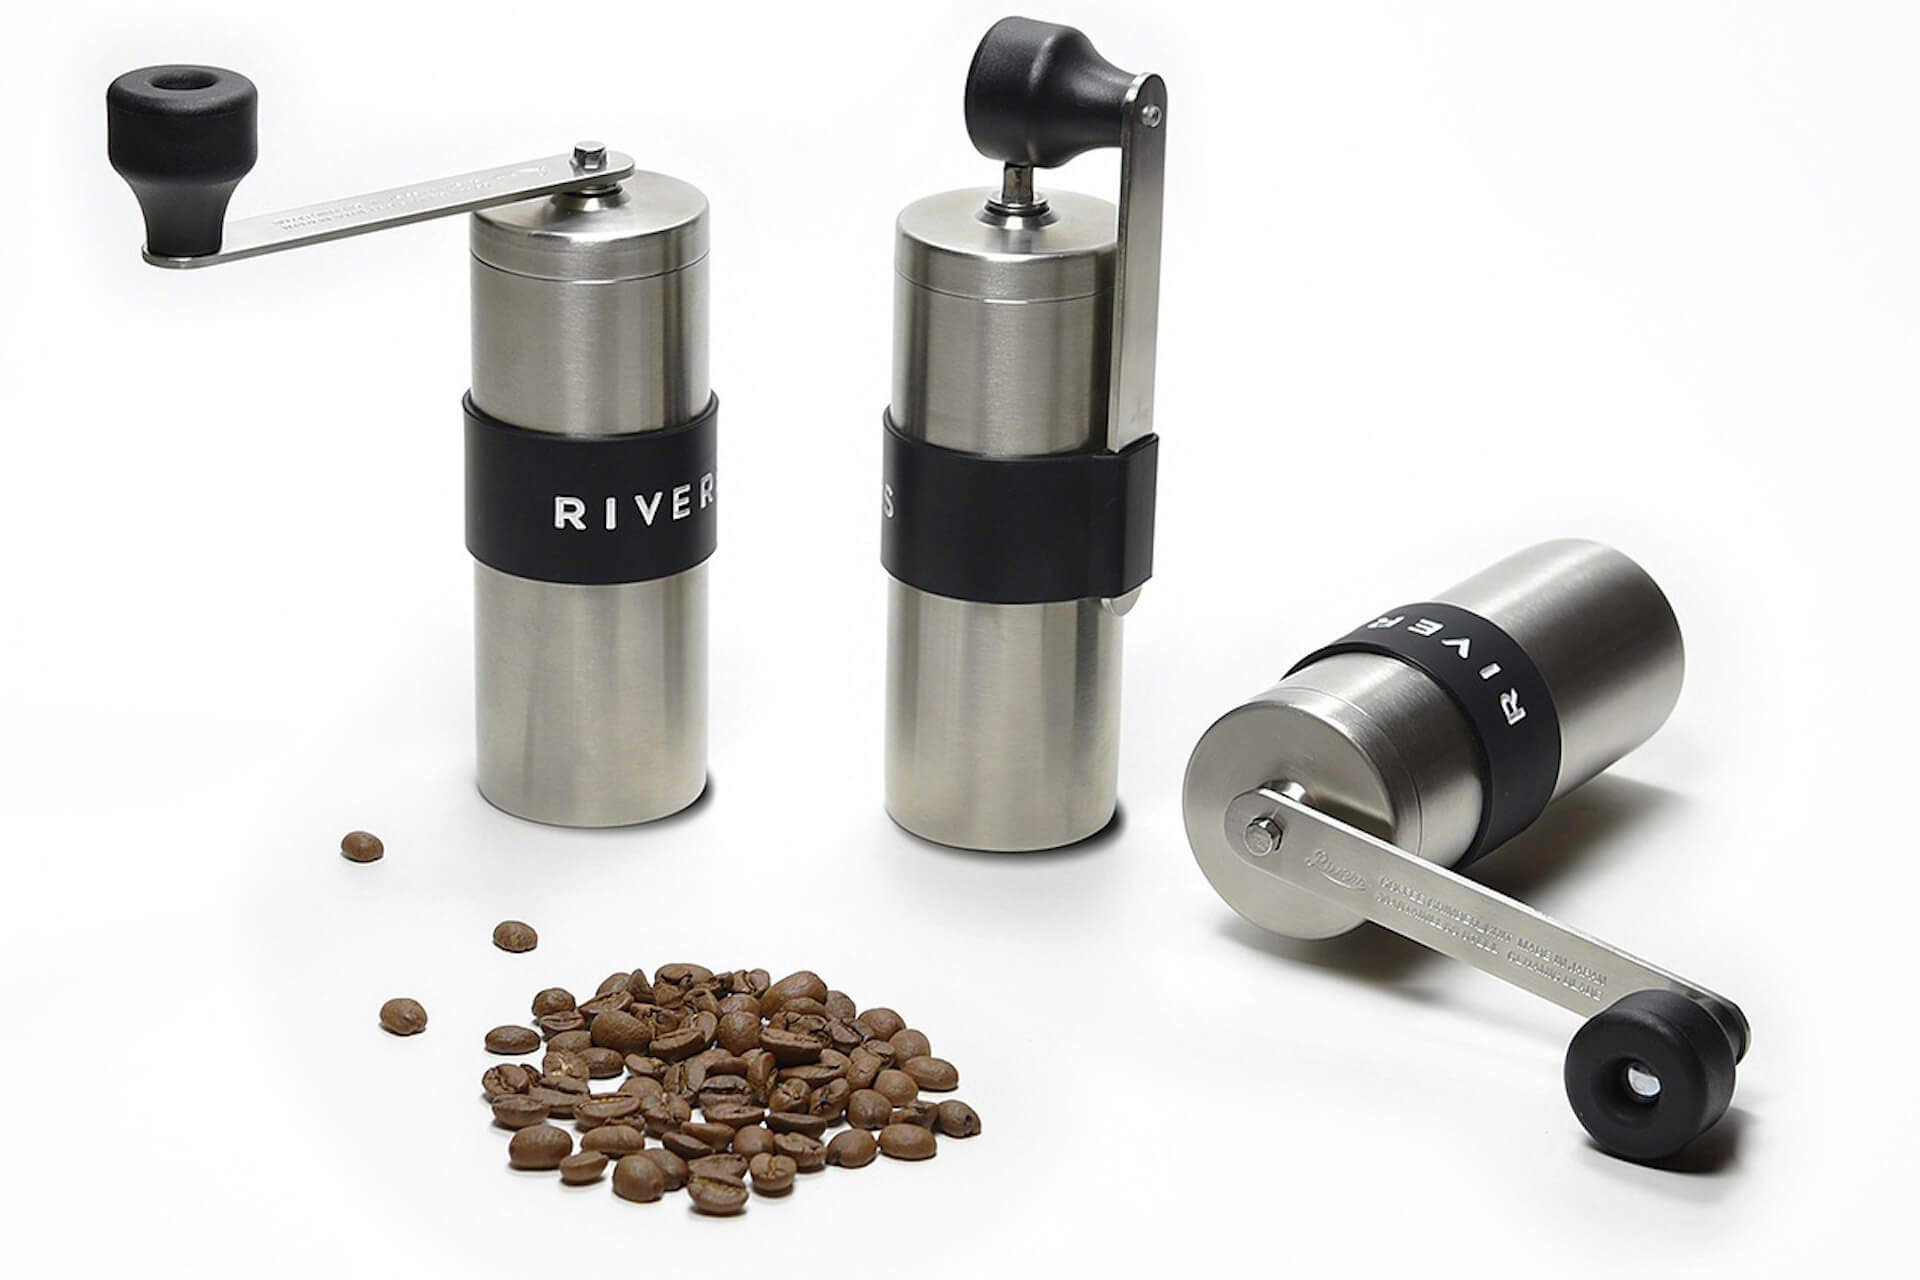 【2021年・コーヒーギア特集】アウトドア&自宅で極上のコーヒータイムを!機能的ギア&厳選コーヒー豆特集 gourmet210303_jeep_coffee_4_2